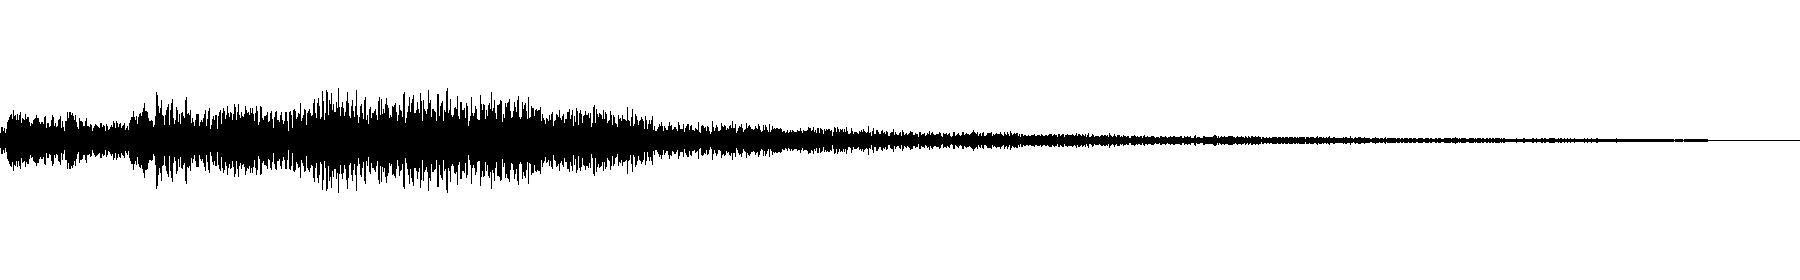 rhodeswave